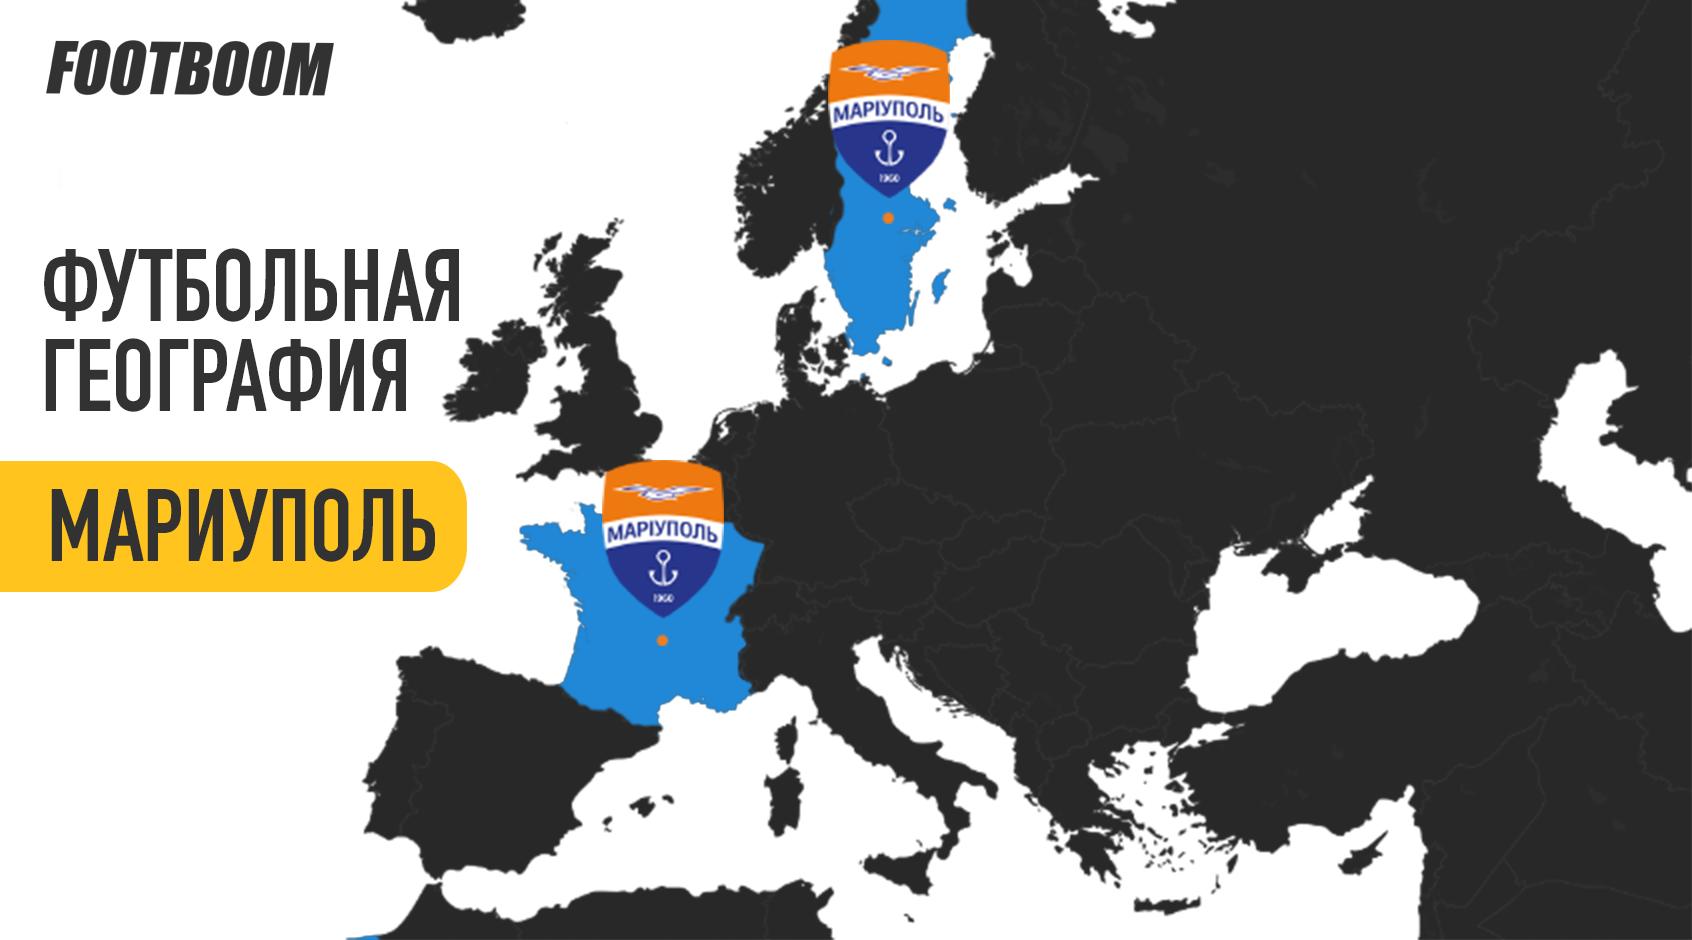 Футбольная география: какое расстояние в 2018 году преодолели украинские клубы? - изображение 4